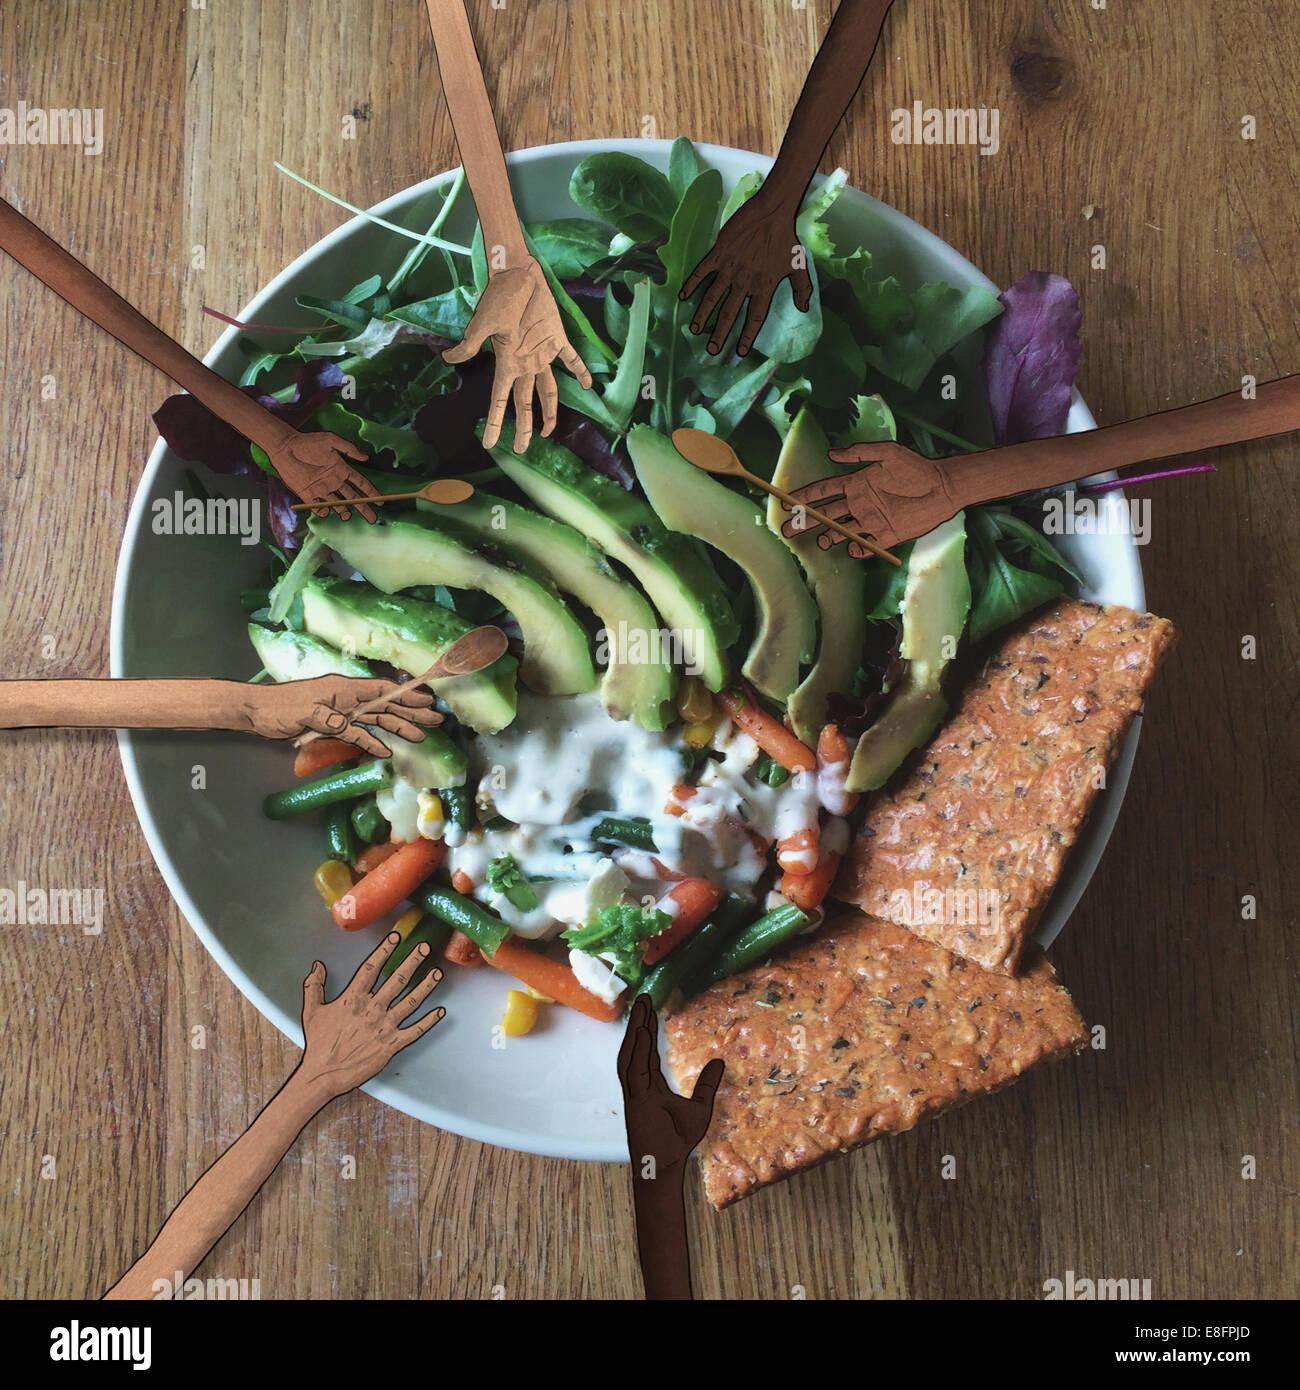 Menschliche Hände greifen einen gesunden Salat Stockbild